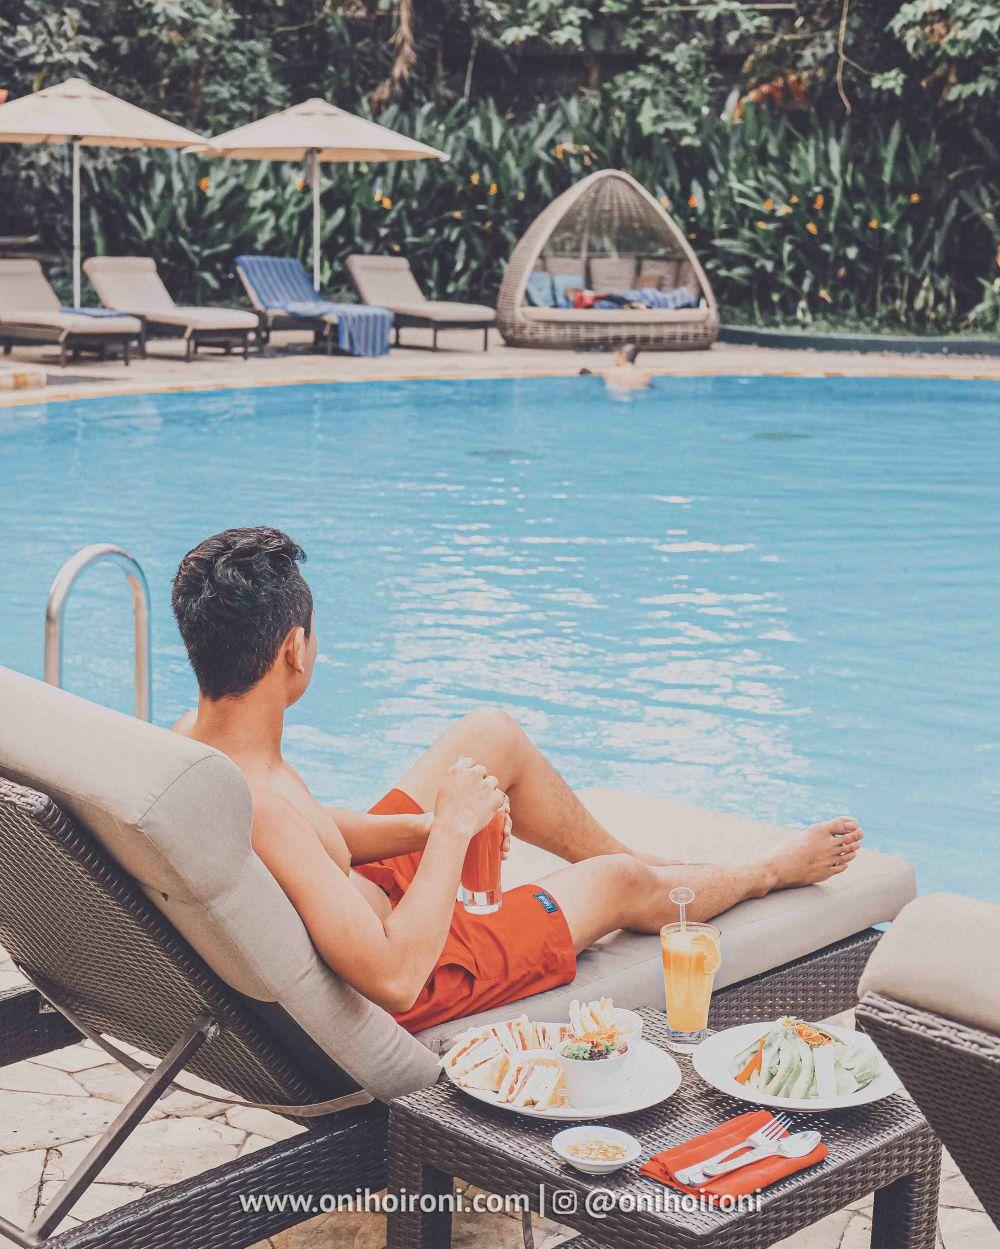 2 Review Swimming Pool kolam renang Shangrila Surabaya Hotel Oni hoironi